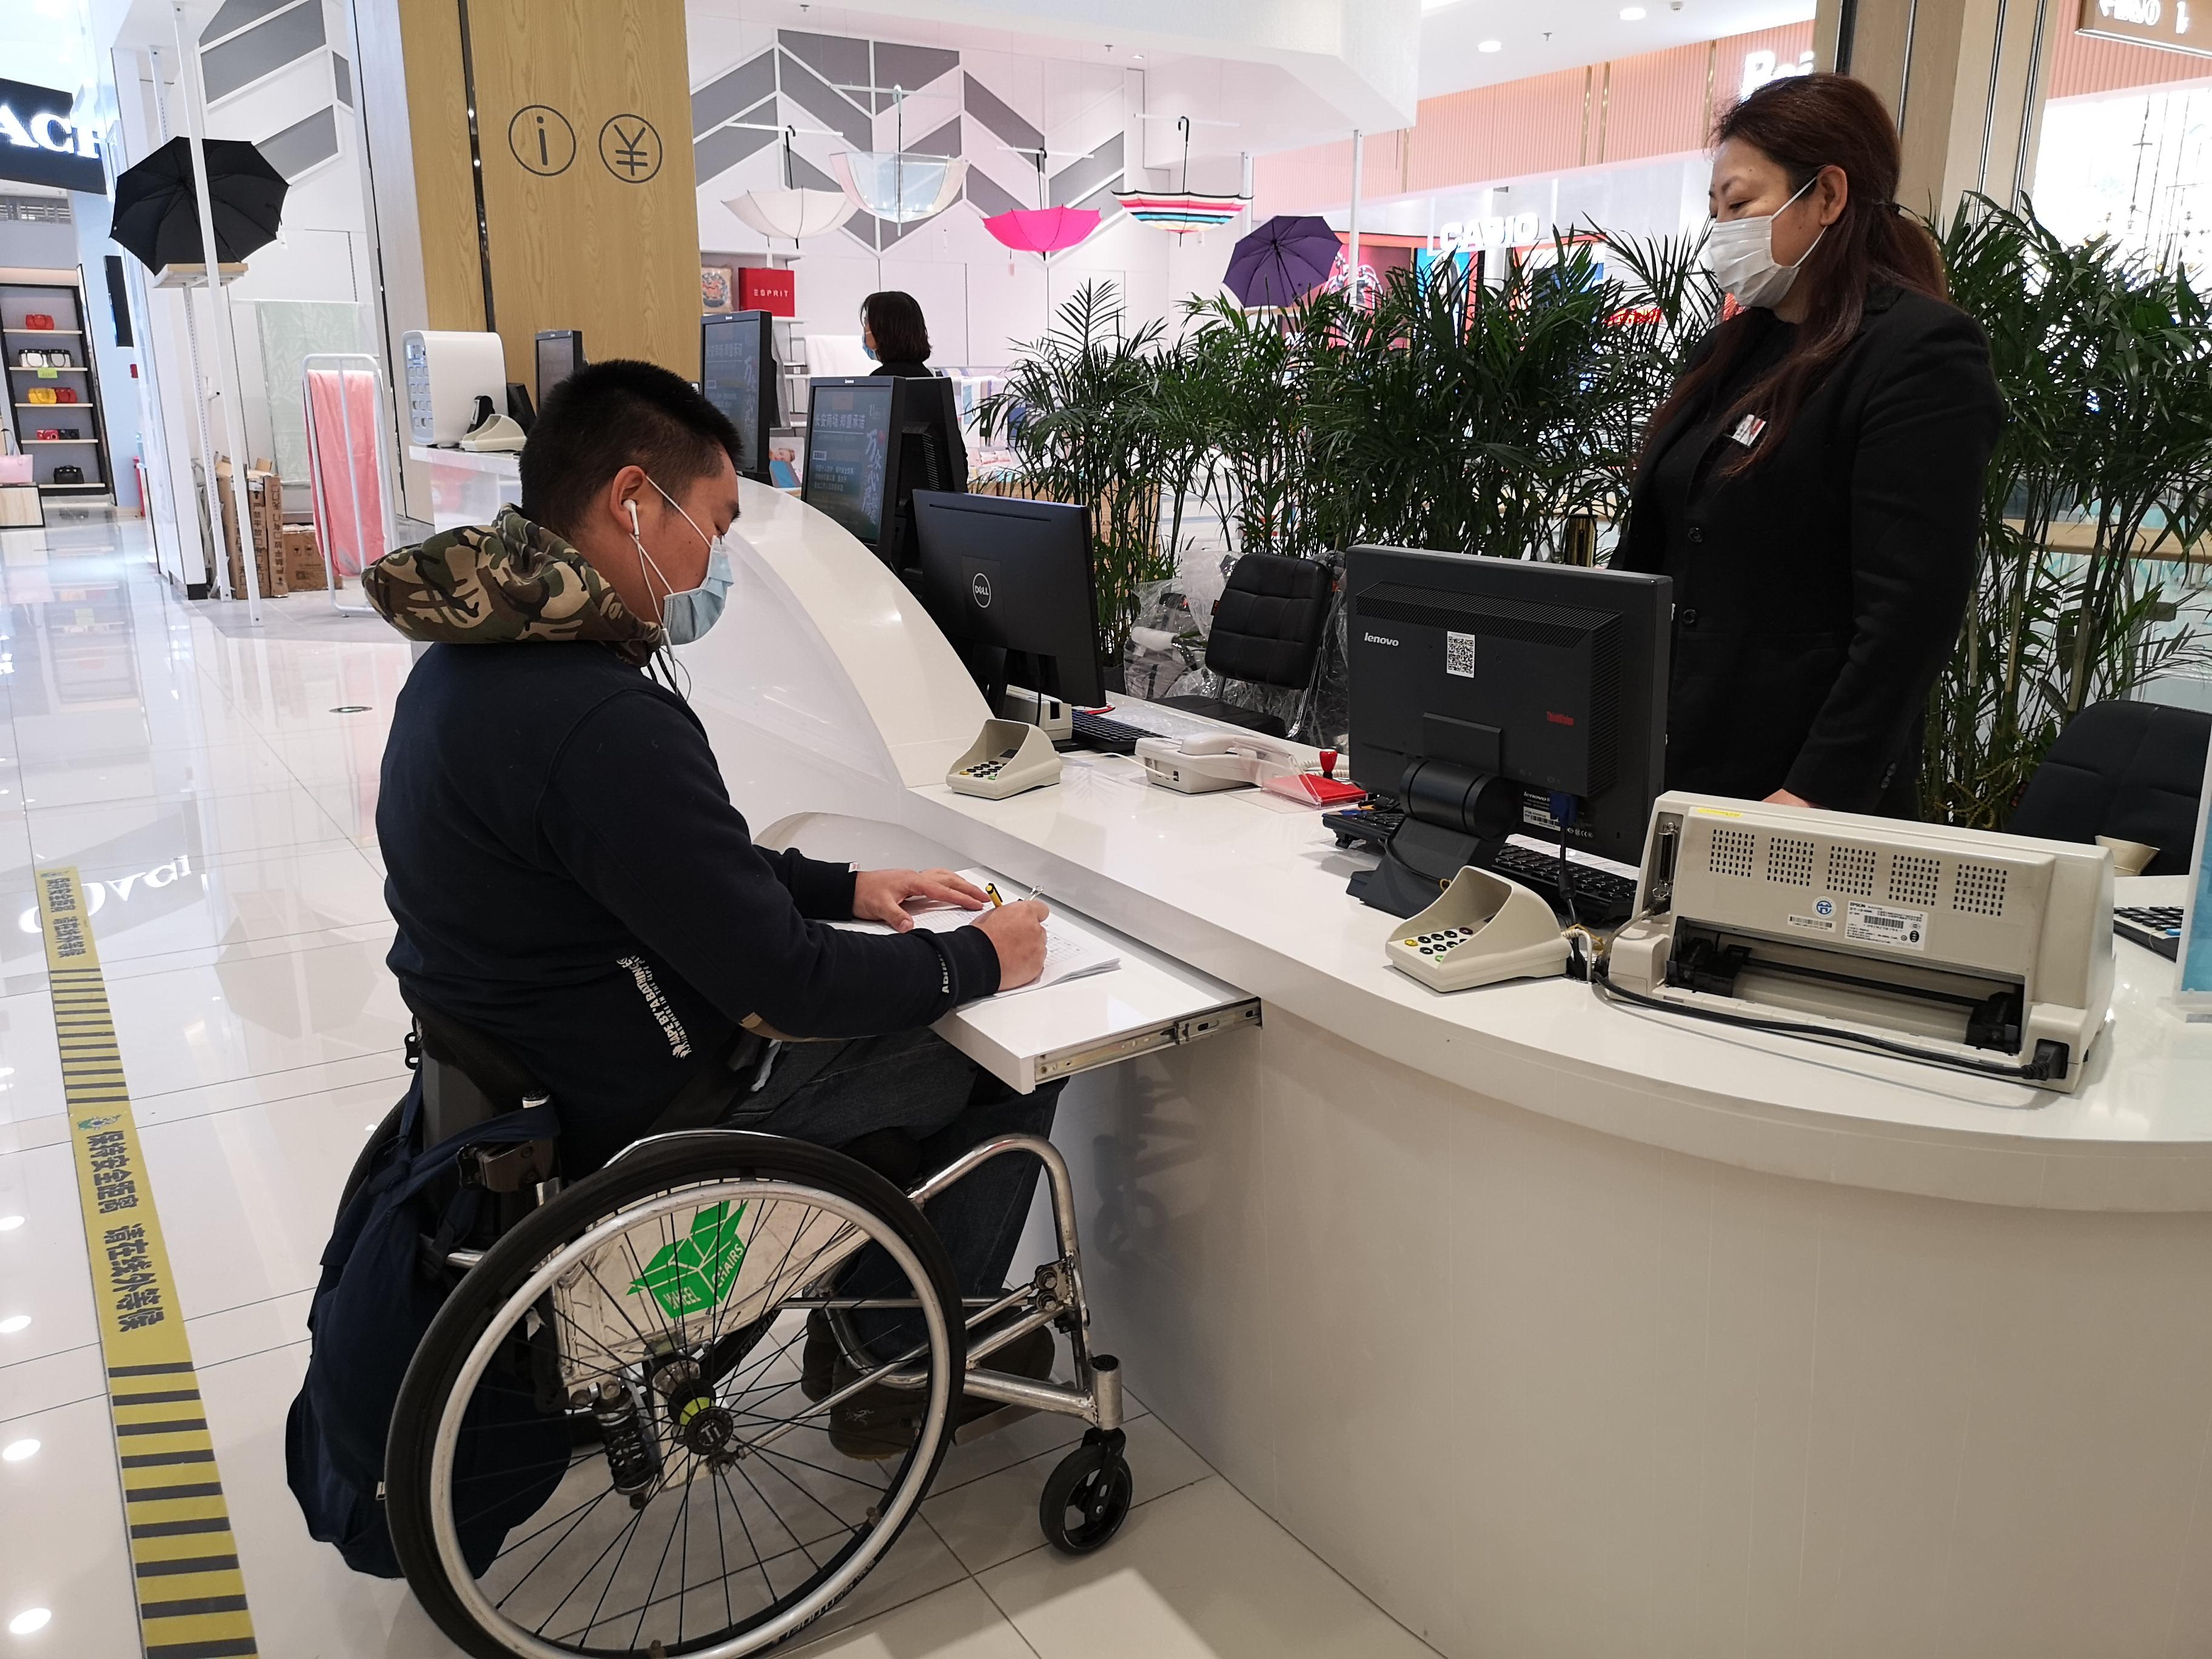 北京已整改1万余项无障碍设施问题 今年将基本完成整治